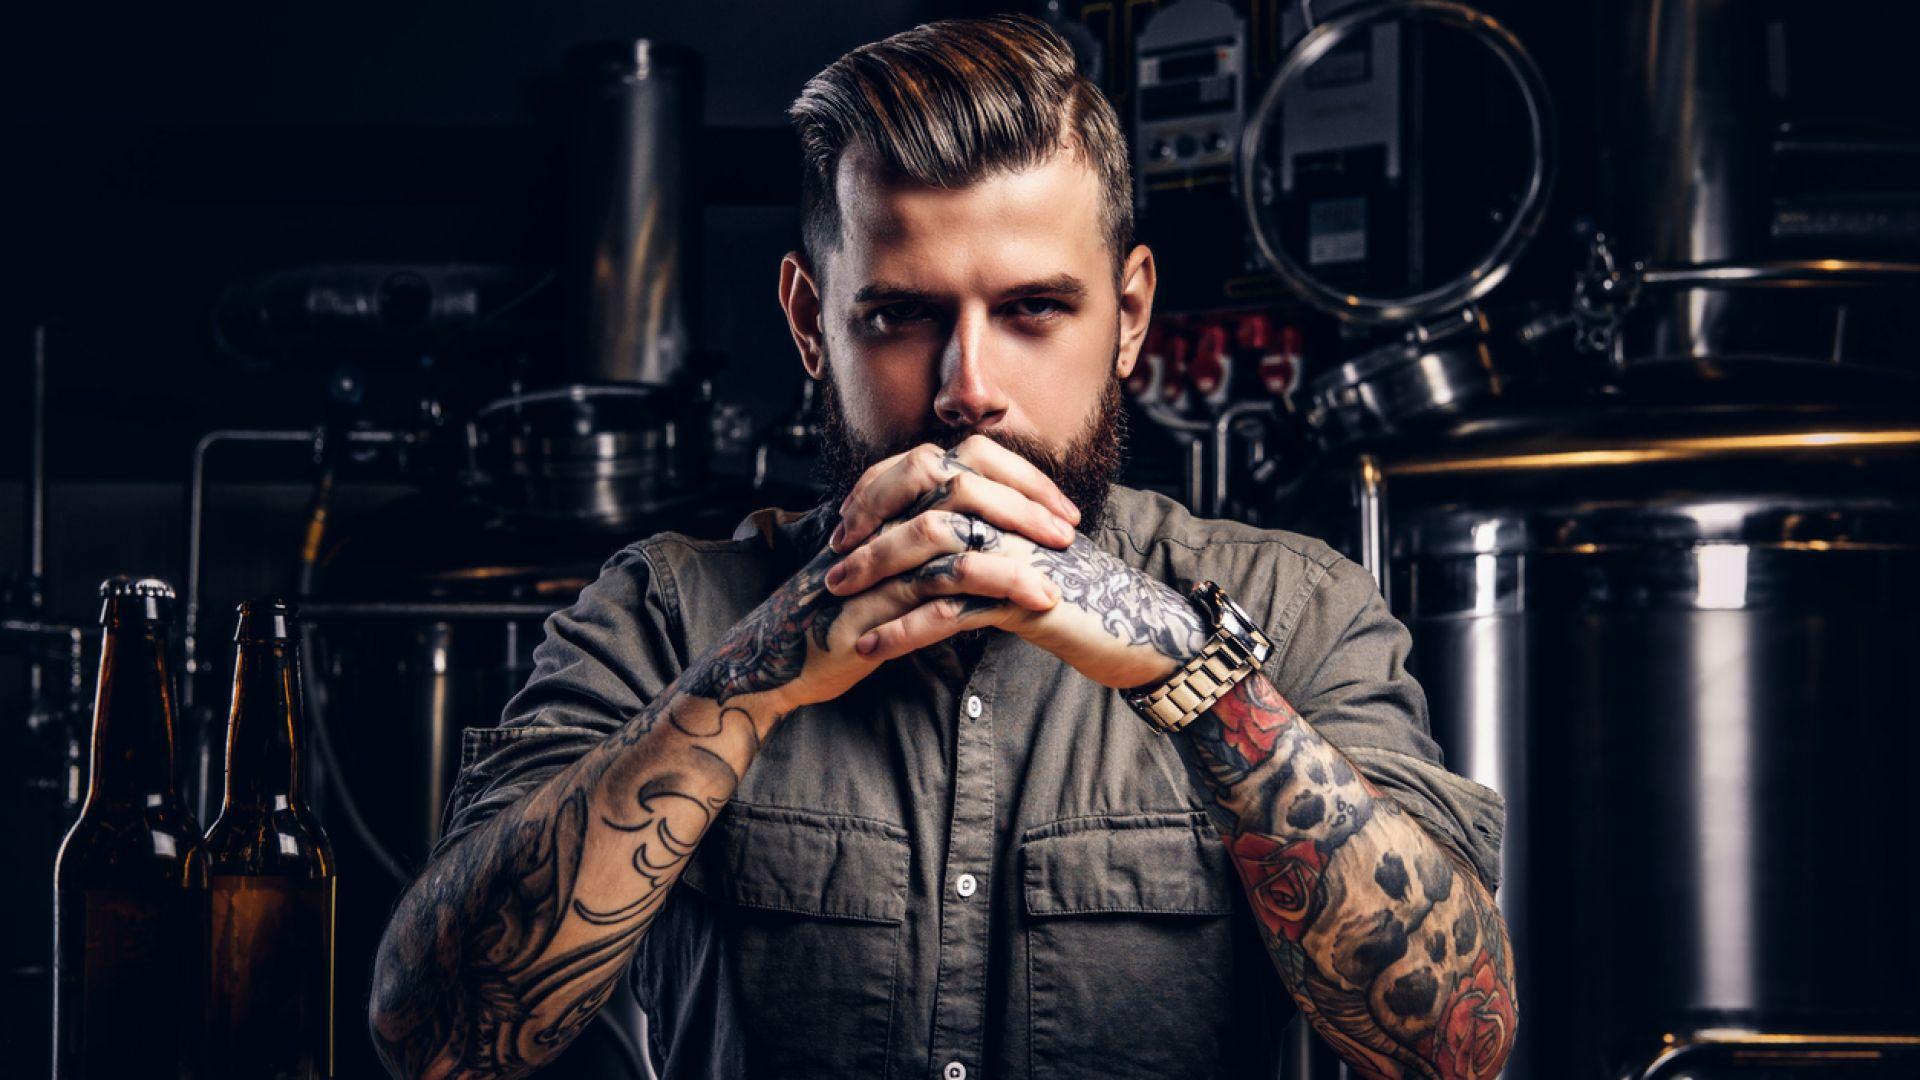 Мъжете с бради и татуси е по-вероятно да изневеряват